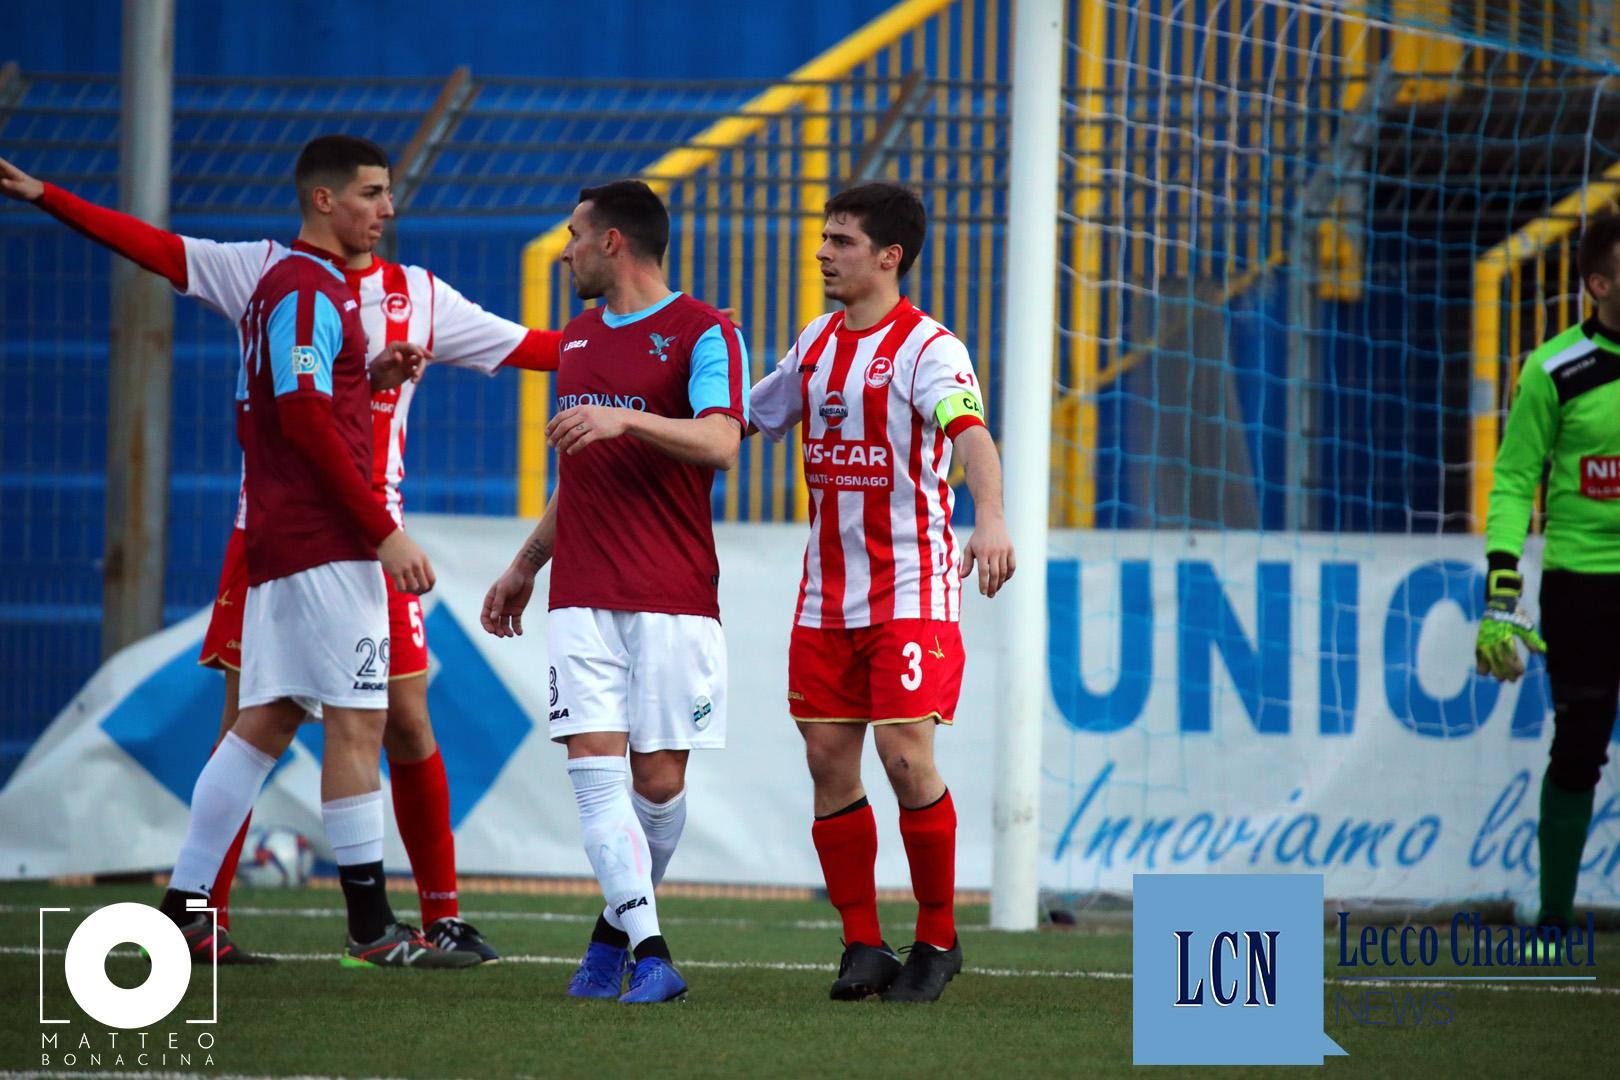 Calcio Lecco Foppenico Amichevole 10 Gennaio 2019 (22)